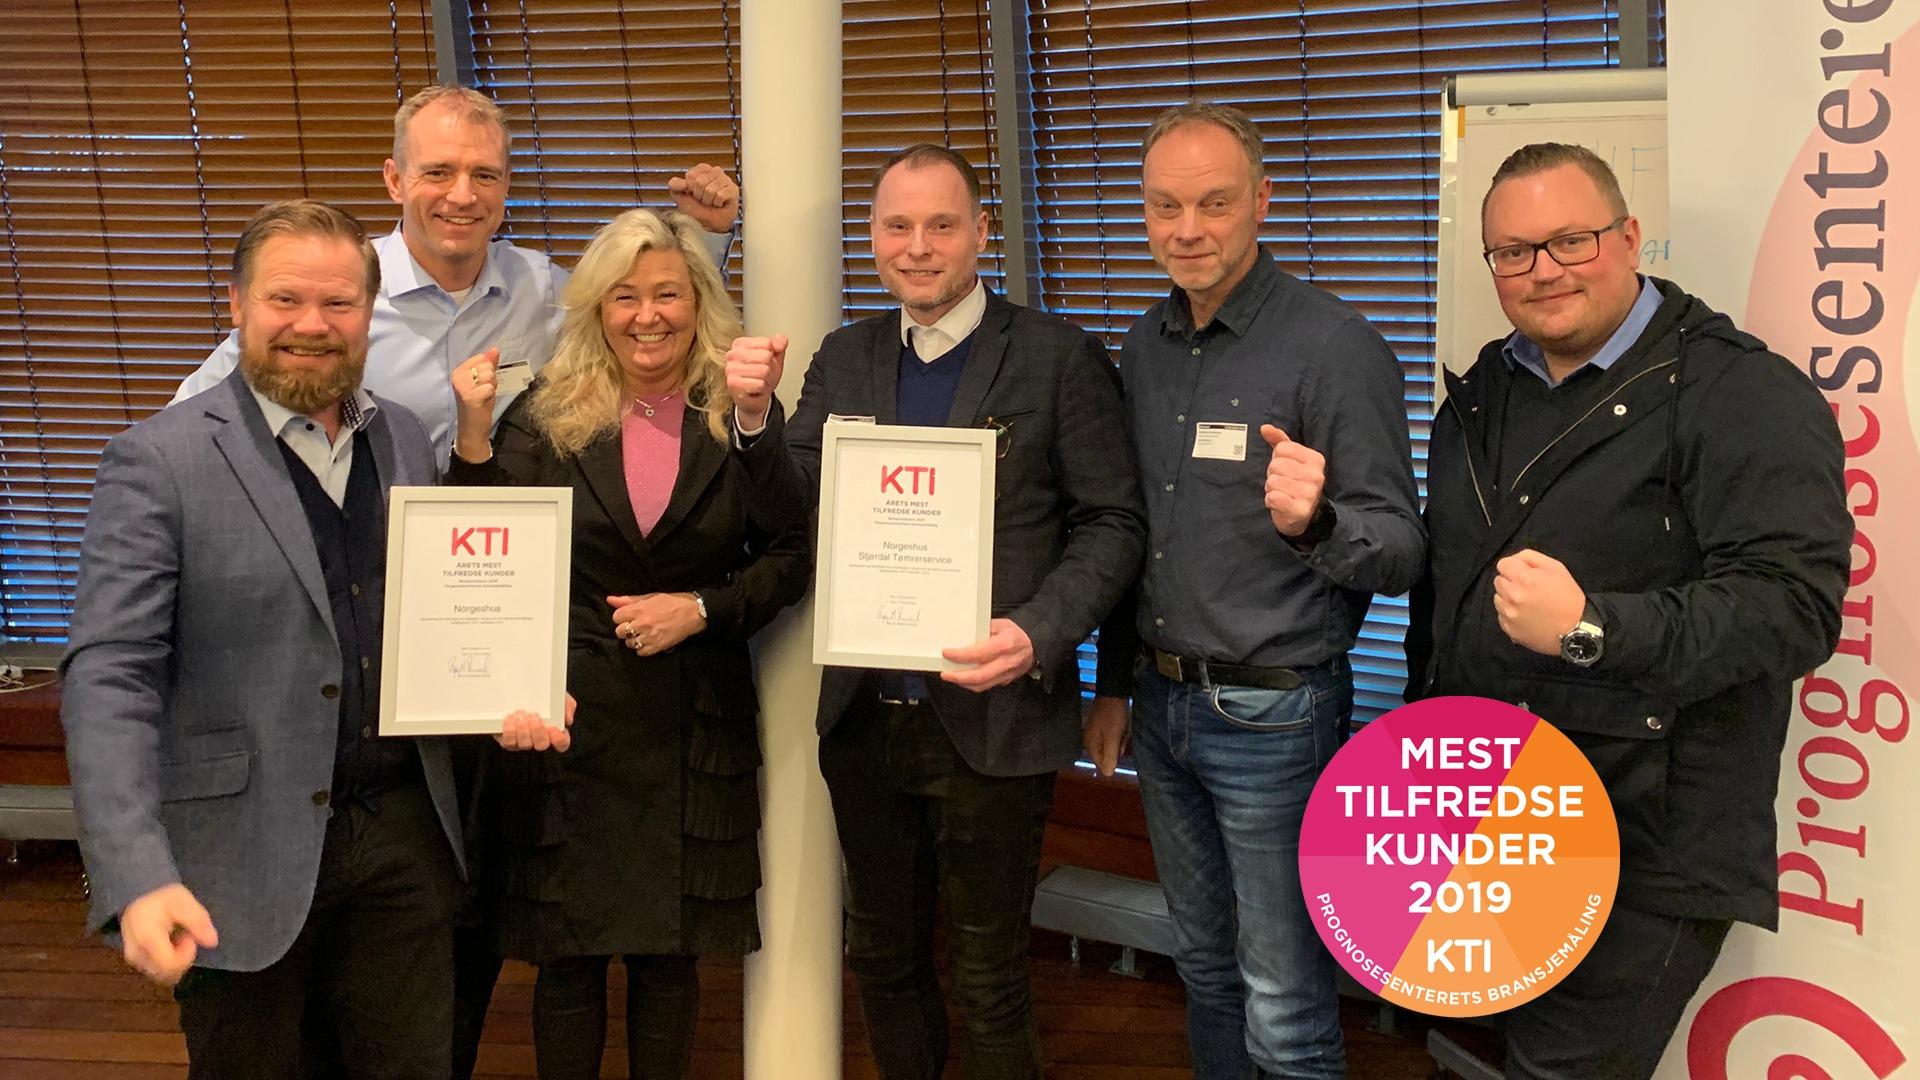 Norgeshus hentet hjem 4 priser fra Prognosesenteret for å ha de mest fornøyde kundene i 2019